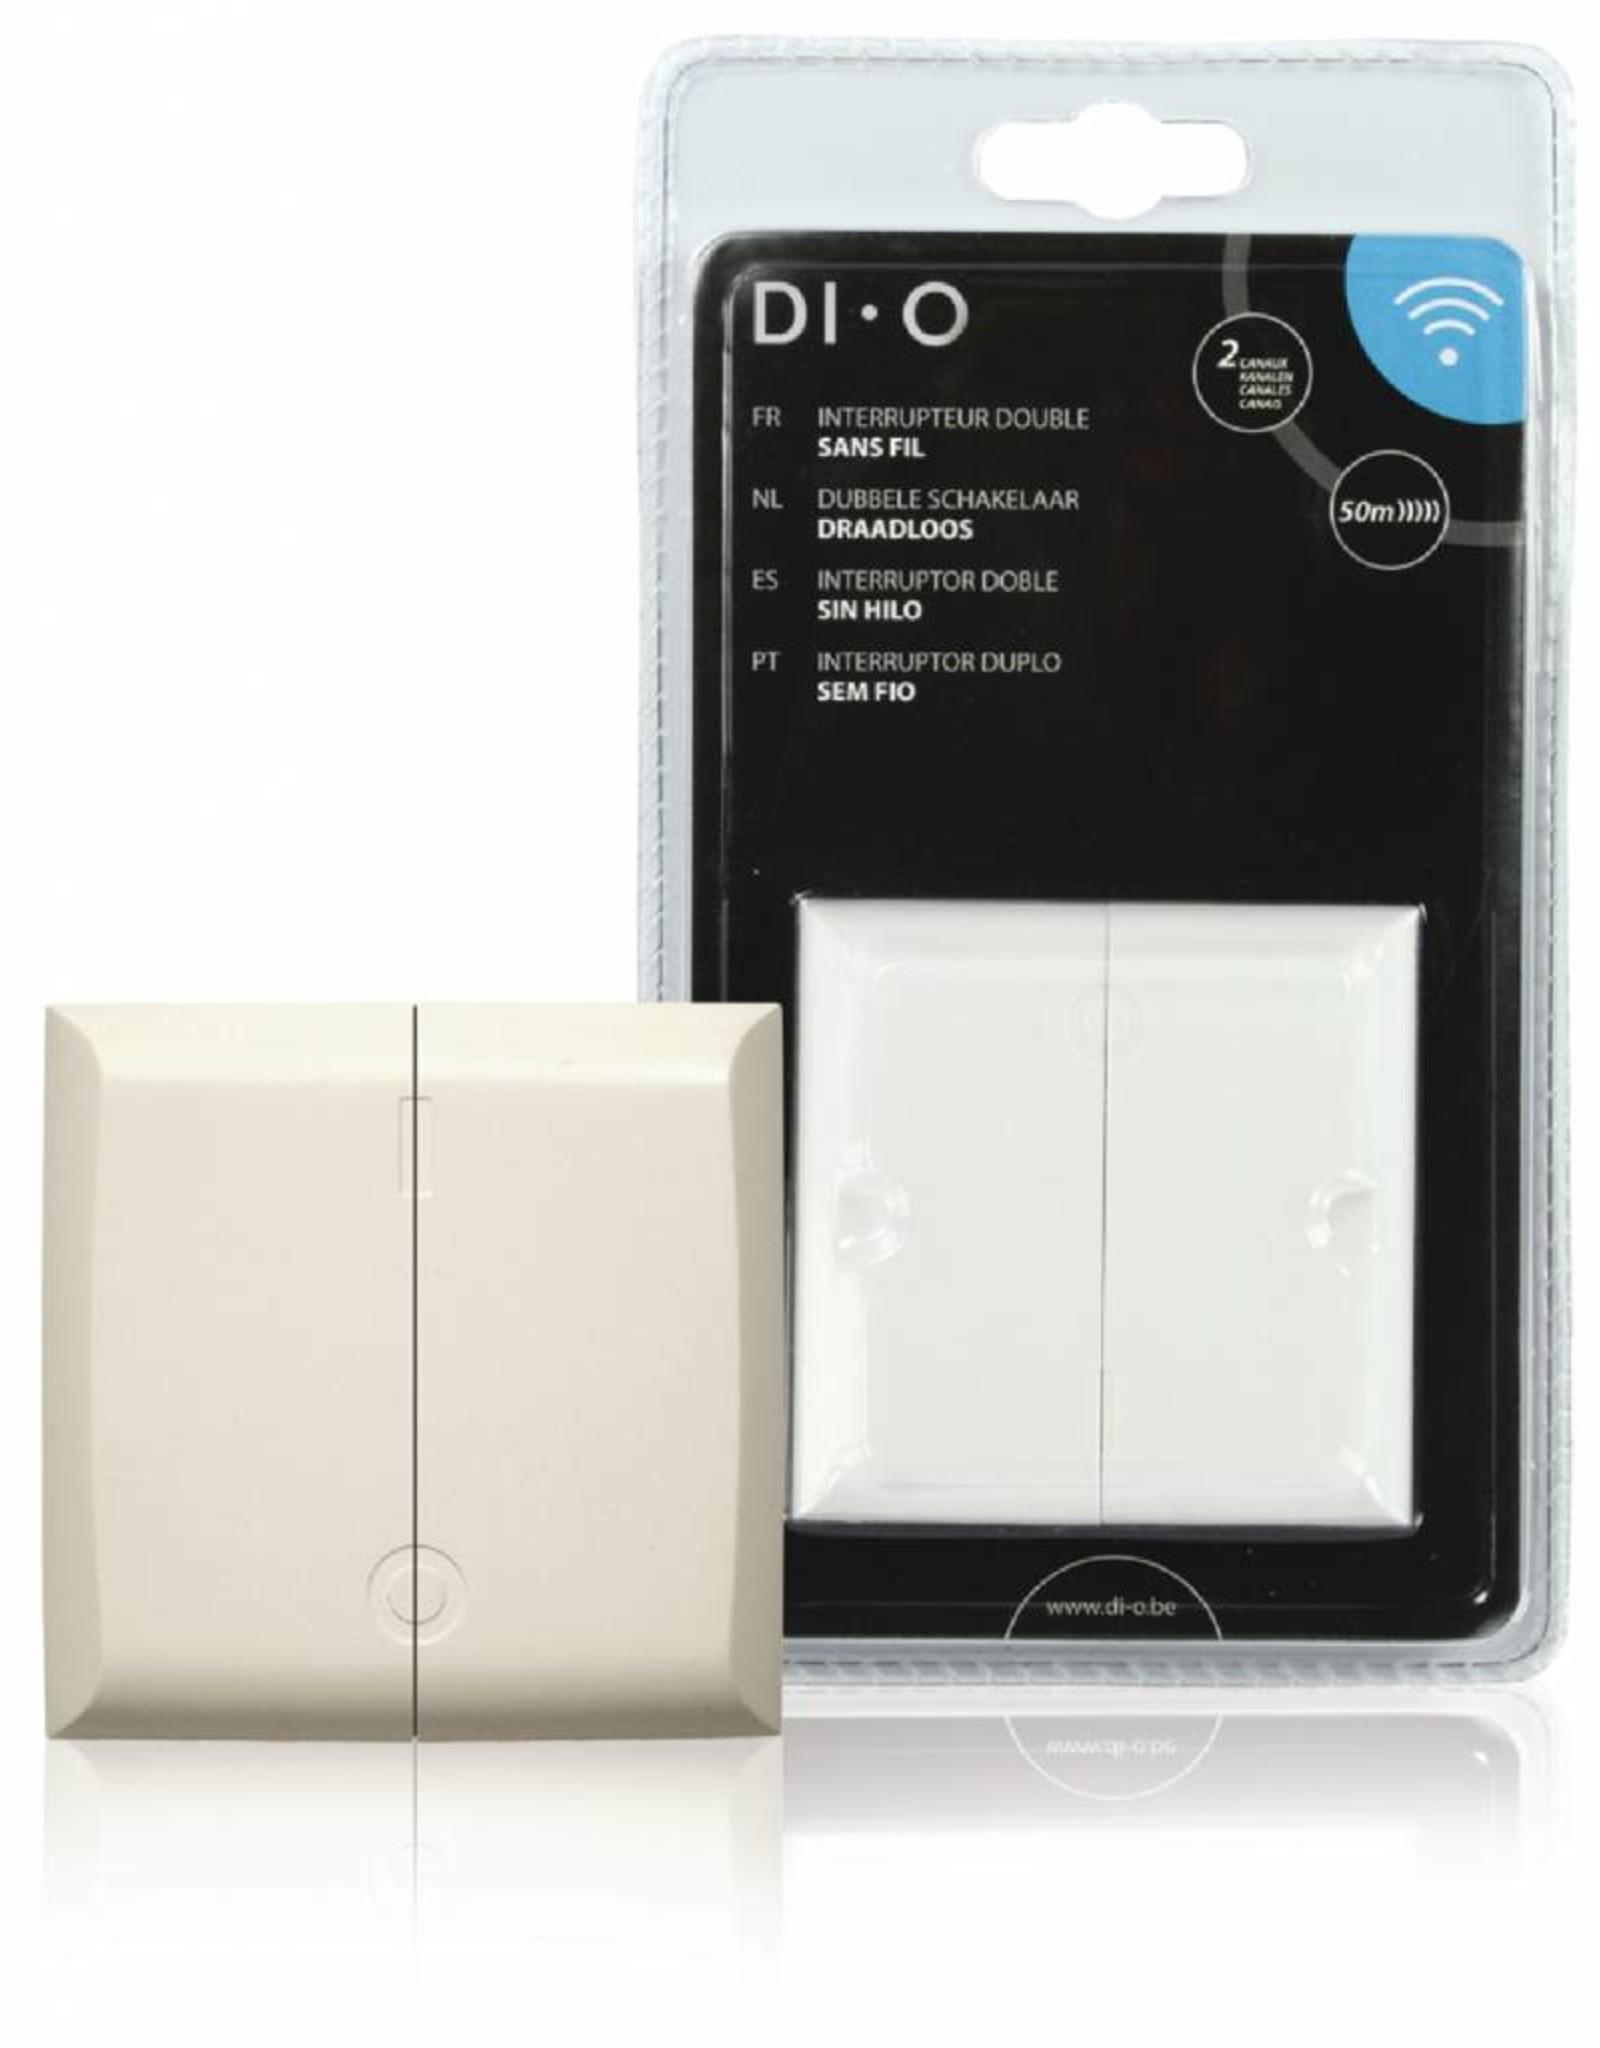 DI-O Smart Home Muurschakelaar - dubbel  433 MHz